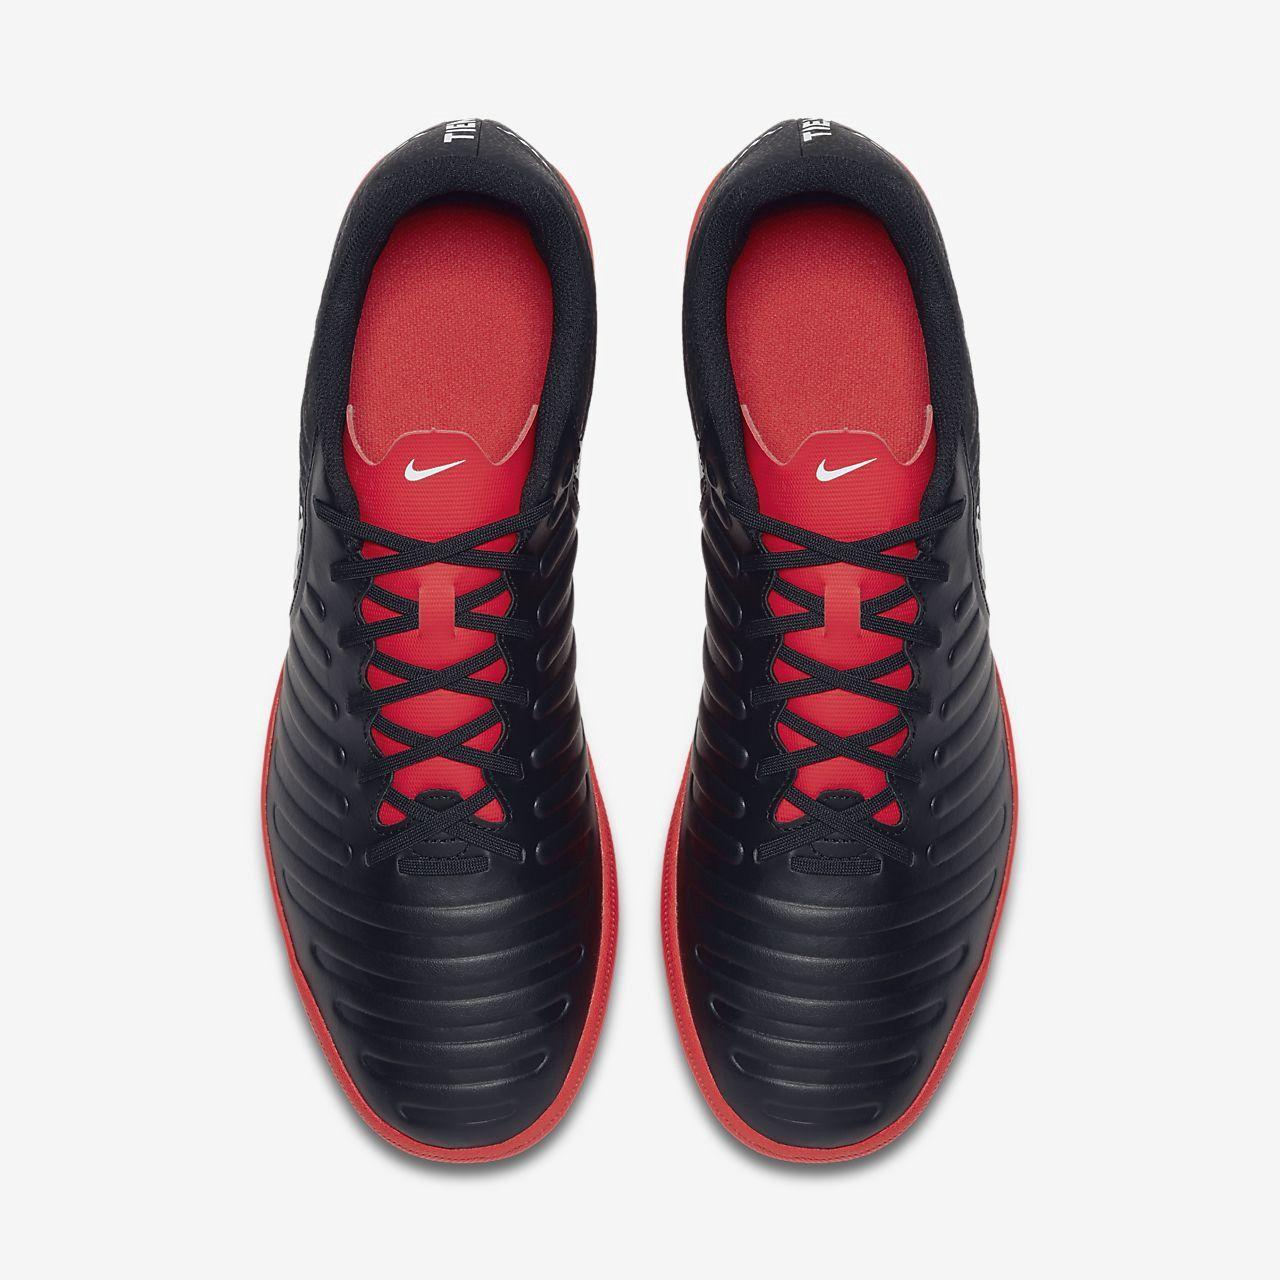 the latest 22249 2fa01 Nike Tiempox Legend VII Club Tf Turf Soccer Cleat - M 11 / W 12.5 Platinum